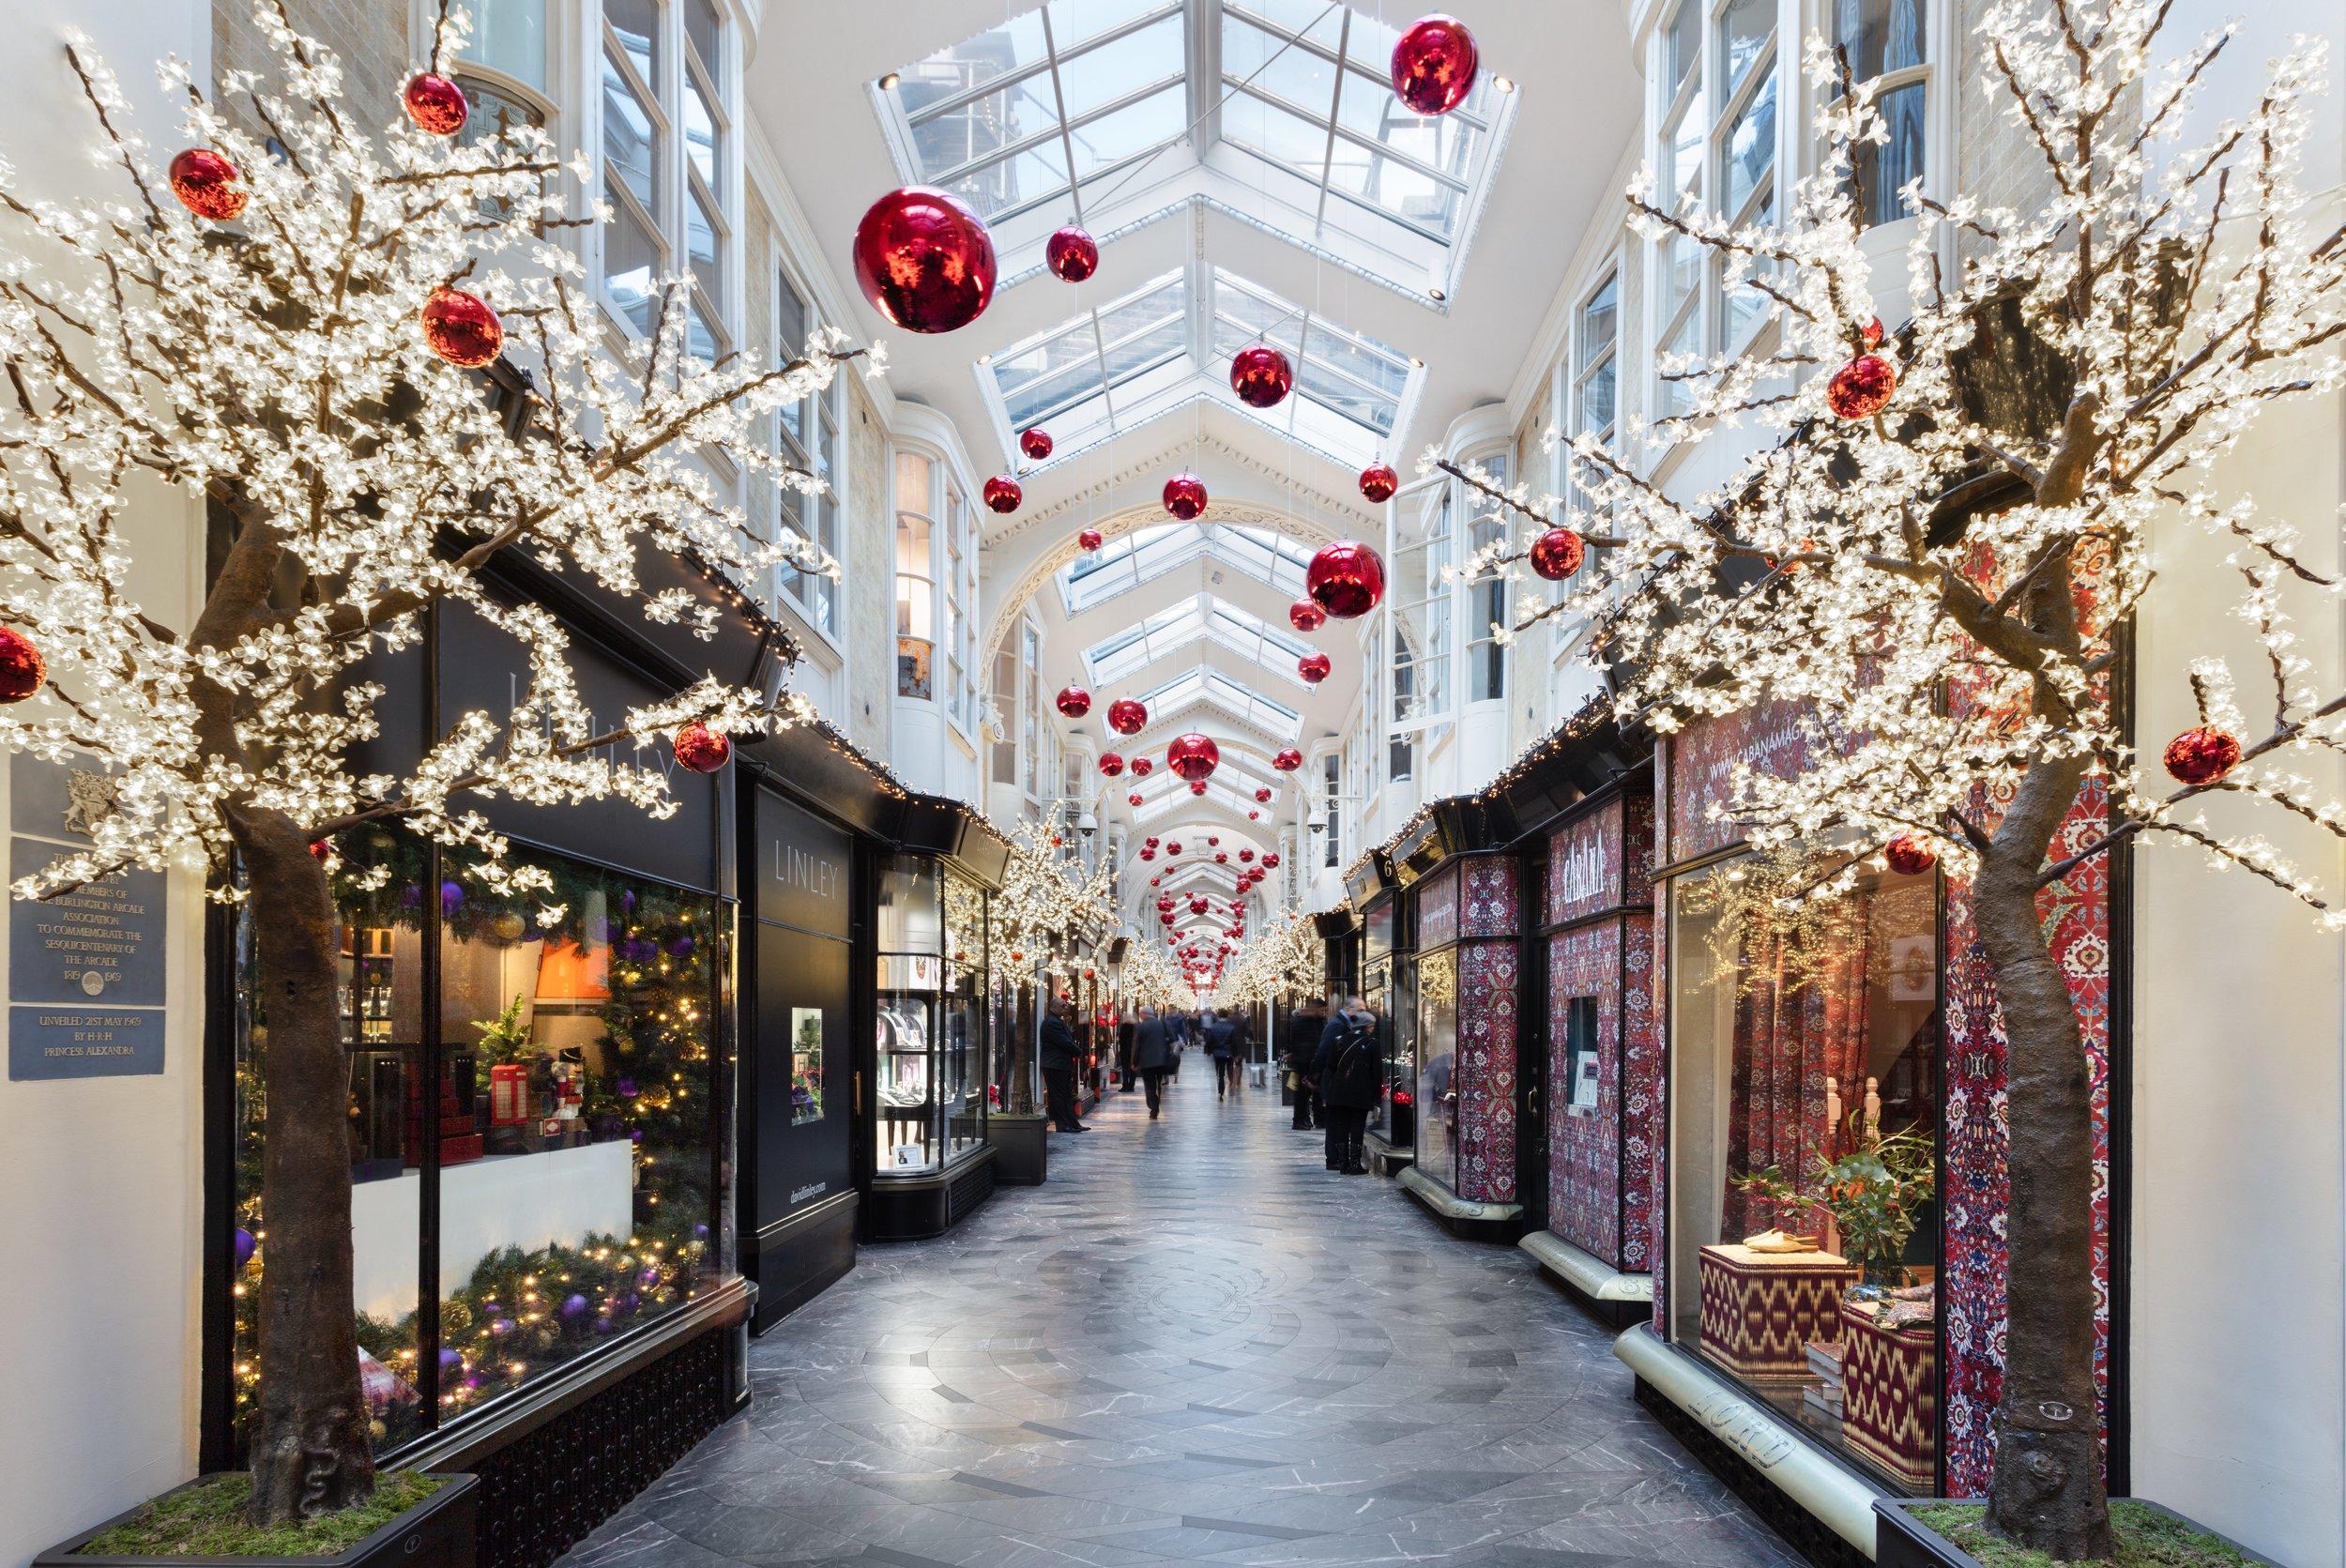 NP_Aisle8BurlingtonArcade_Christmas-3.jpg